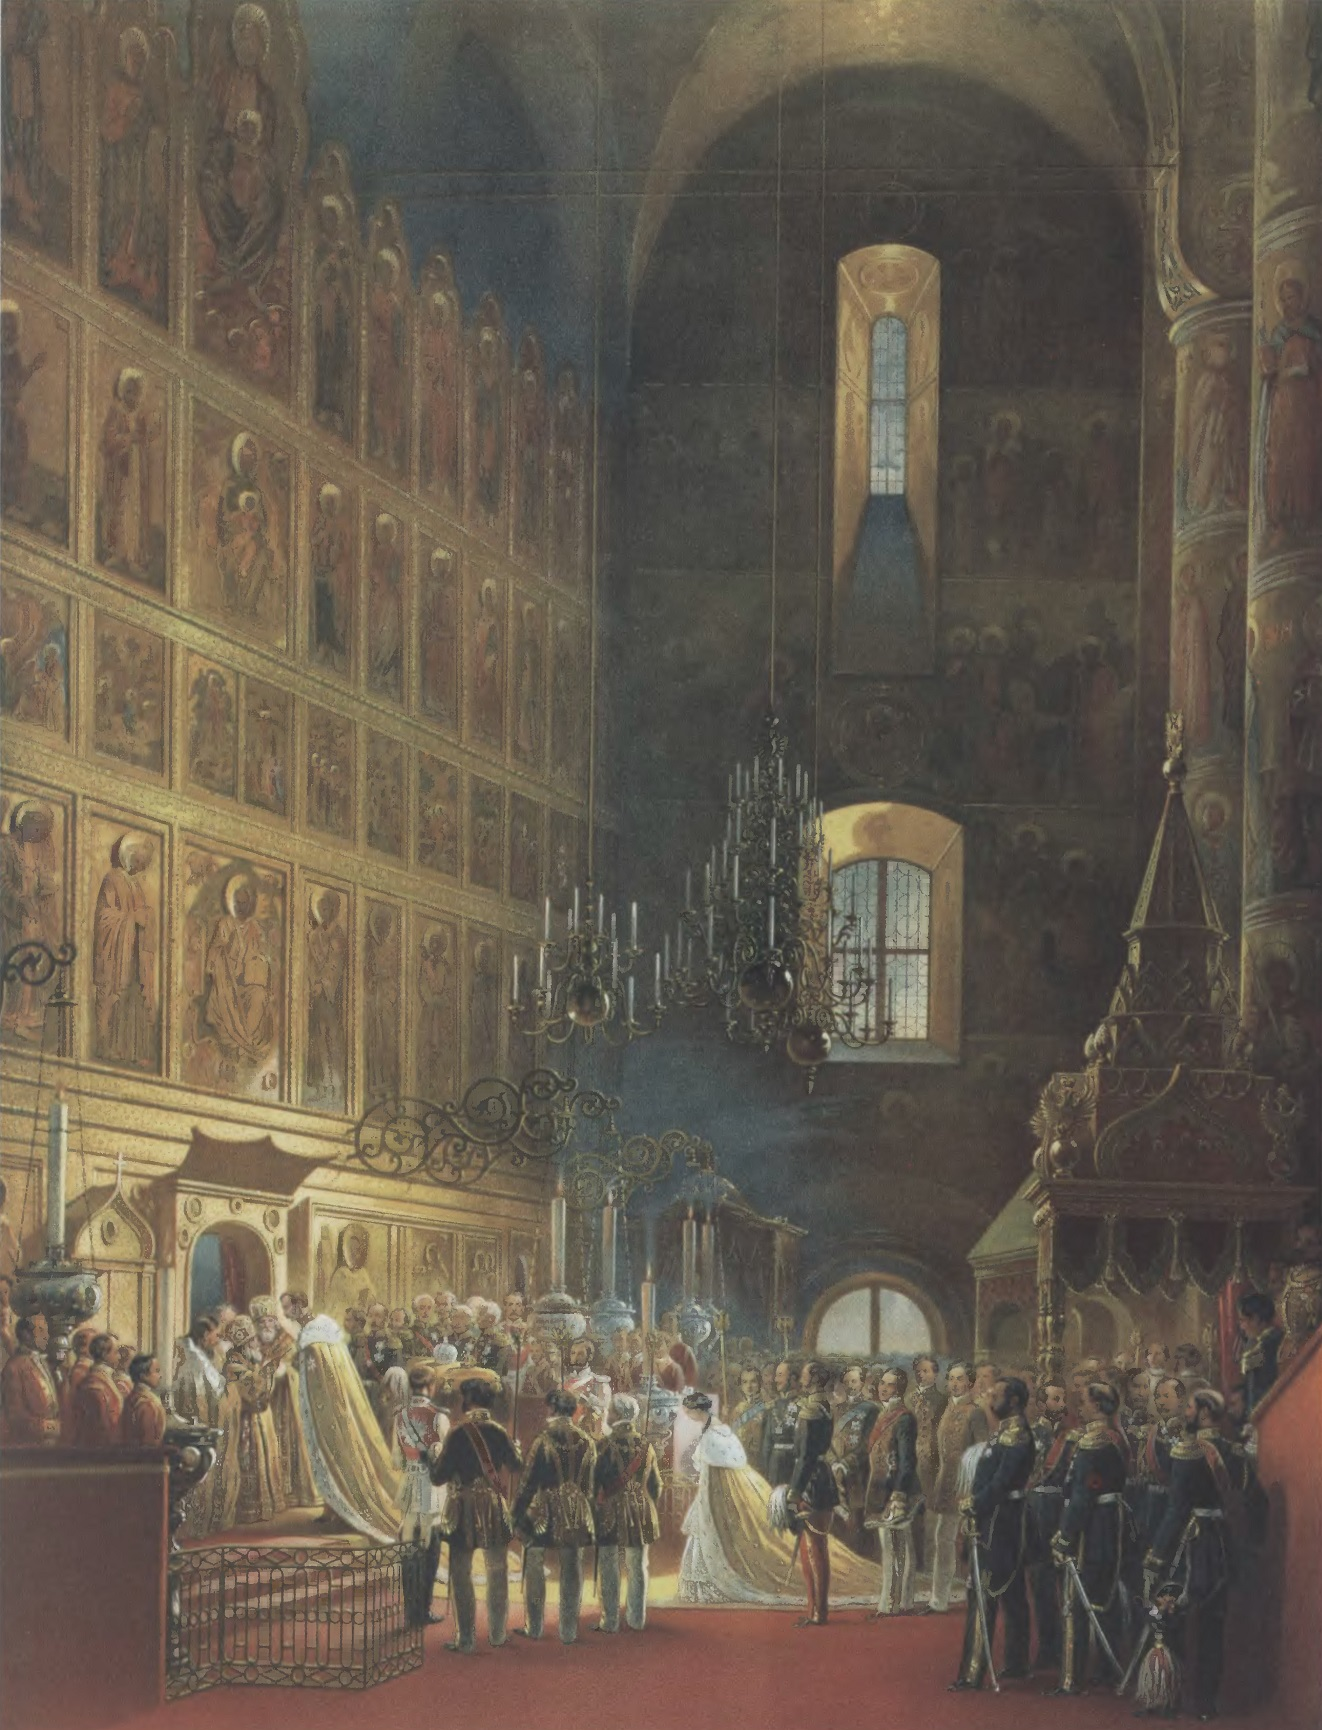 ВАСИЛИЙ ТИММ. Священнейшее миропомазание его императорского величества Александра II в Успенском соборе в Москве 26 августа 1856 года